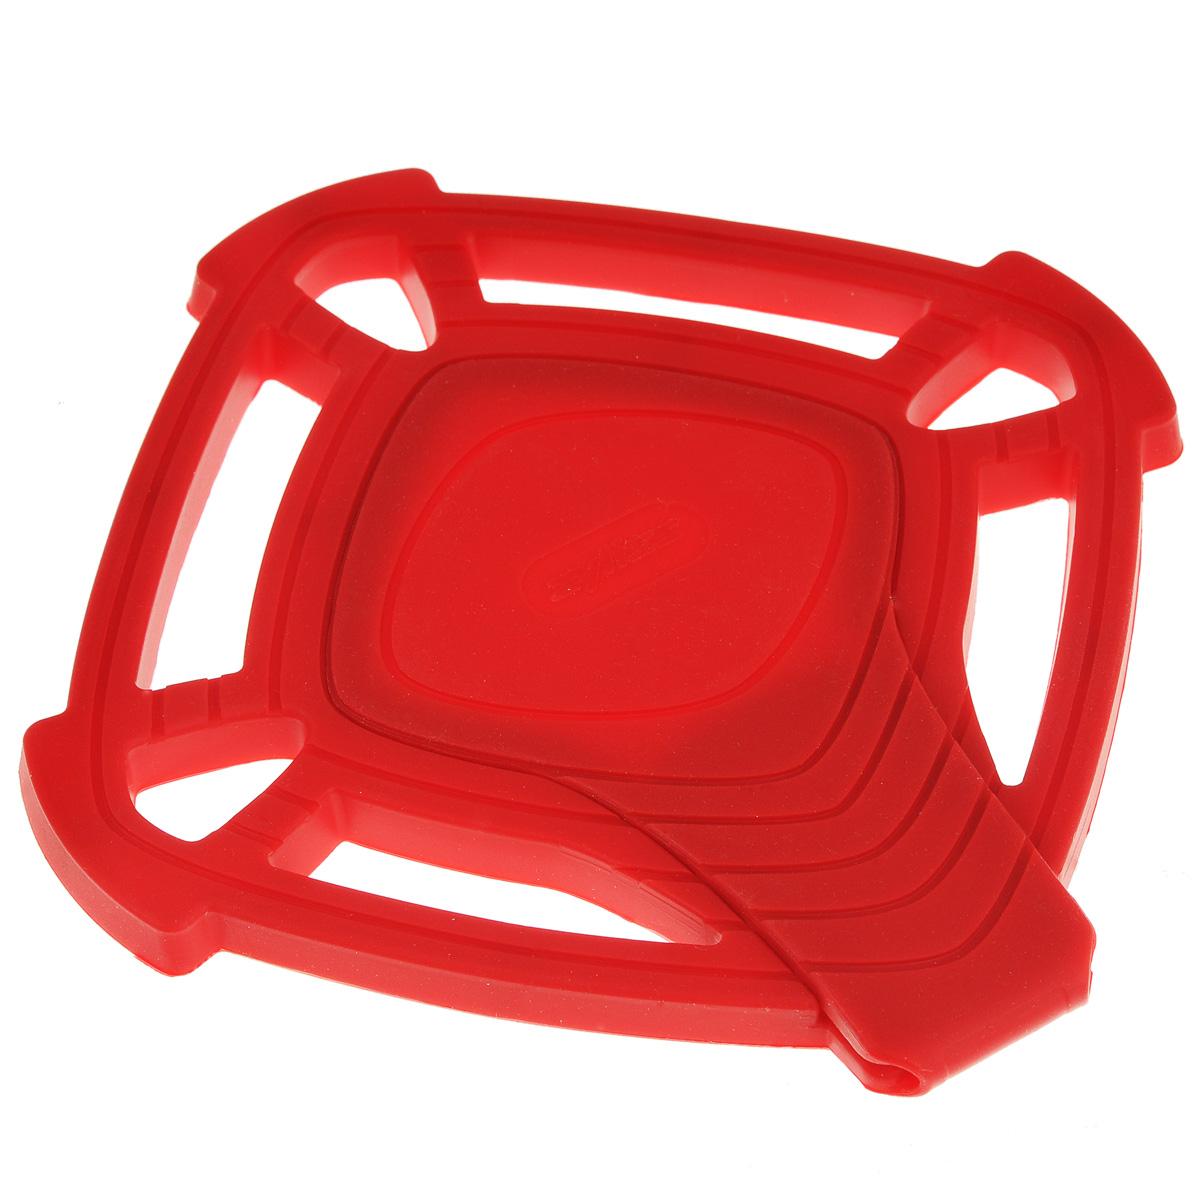 Подставка под горячее Zyliss, цвет: красный, 14,5 см х 14,5 см82014_малиновыйПодставка под горячее Zyliss изготовлена из качественного и очень прочного силикона, позволяет выдерживать температуру до 240°С. Термостойкая подставка предназначена для кастрюль, горячих сковородок и тарелок, позволит вам сохранить покрытие ваших столов. Материал не скользит по поверхности стола. Подставка обладает уникальным свойством: средняя секция раскладывается, превращаясь в удобную подставку для половника. Подставка безопасна при контакте с тефлоновой поверхностью. Подставка под горячее Zyliss незаменимый и очень полезный аксессуар на каждой кухне. Можно мыть в посудомоечной машине. Размер подставки: 14,5 см х 14,5 см.Длина подставки для половника: 14,5 см.